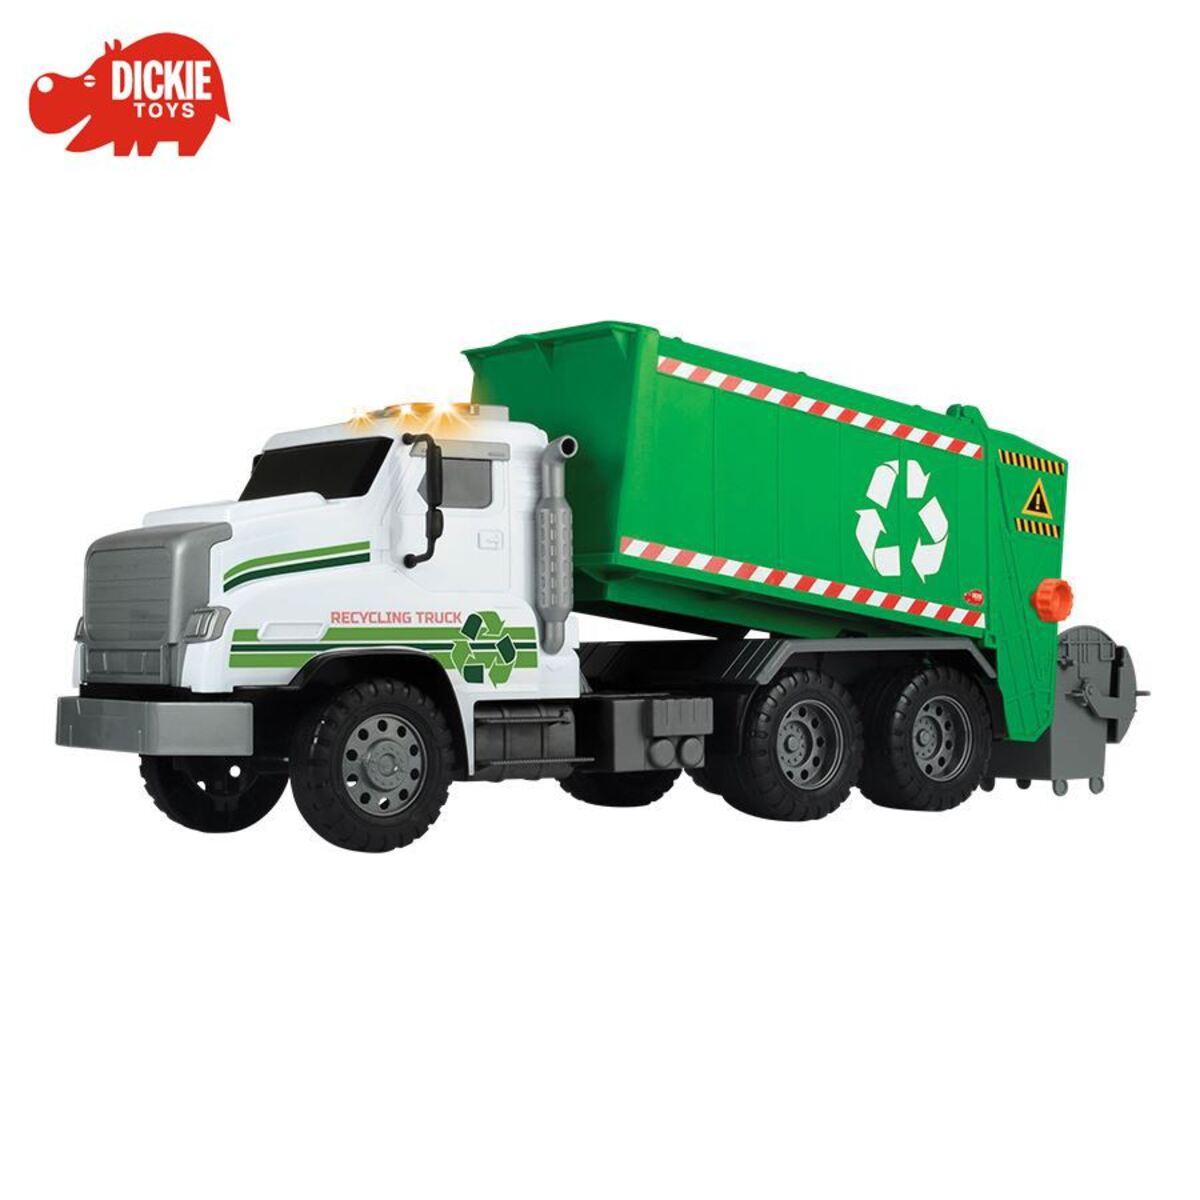 Bild 1 von Dickie Toys Riesiger Müllwagen